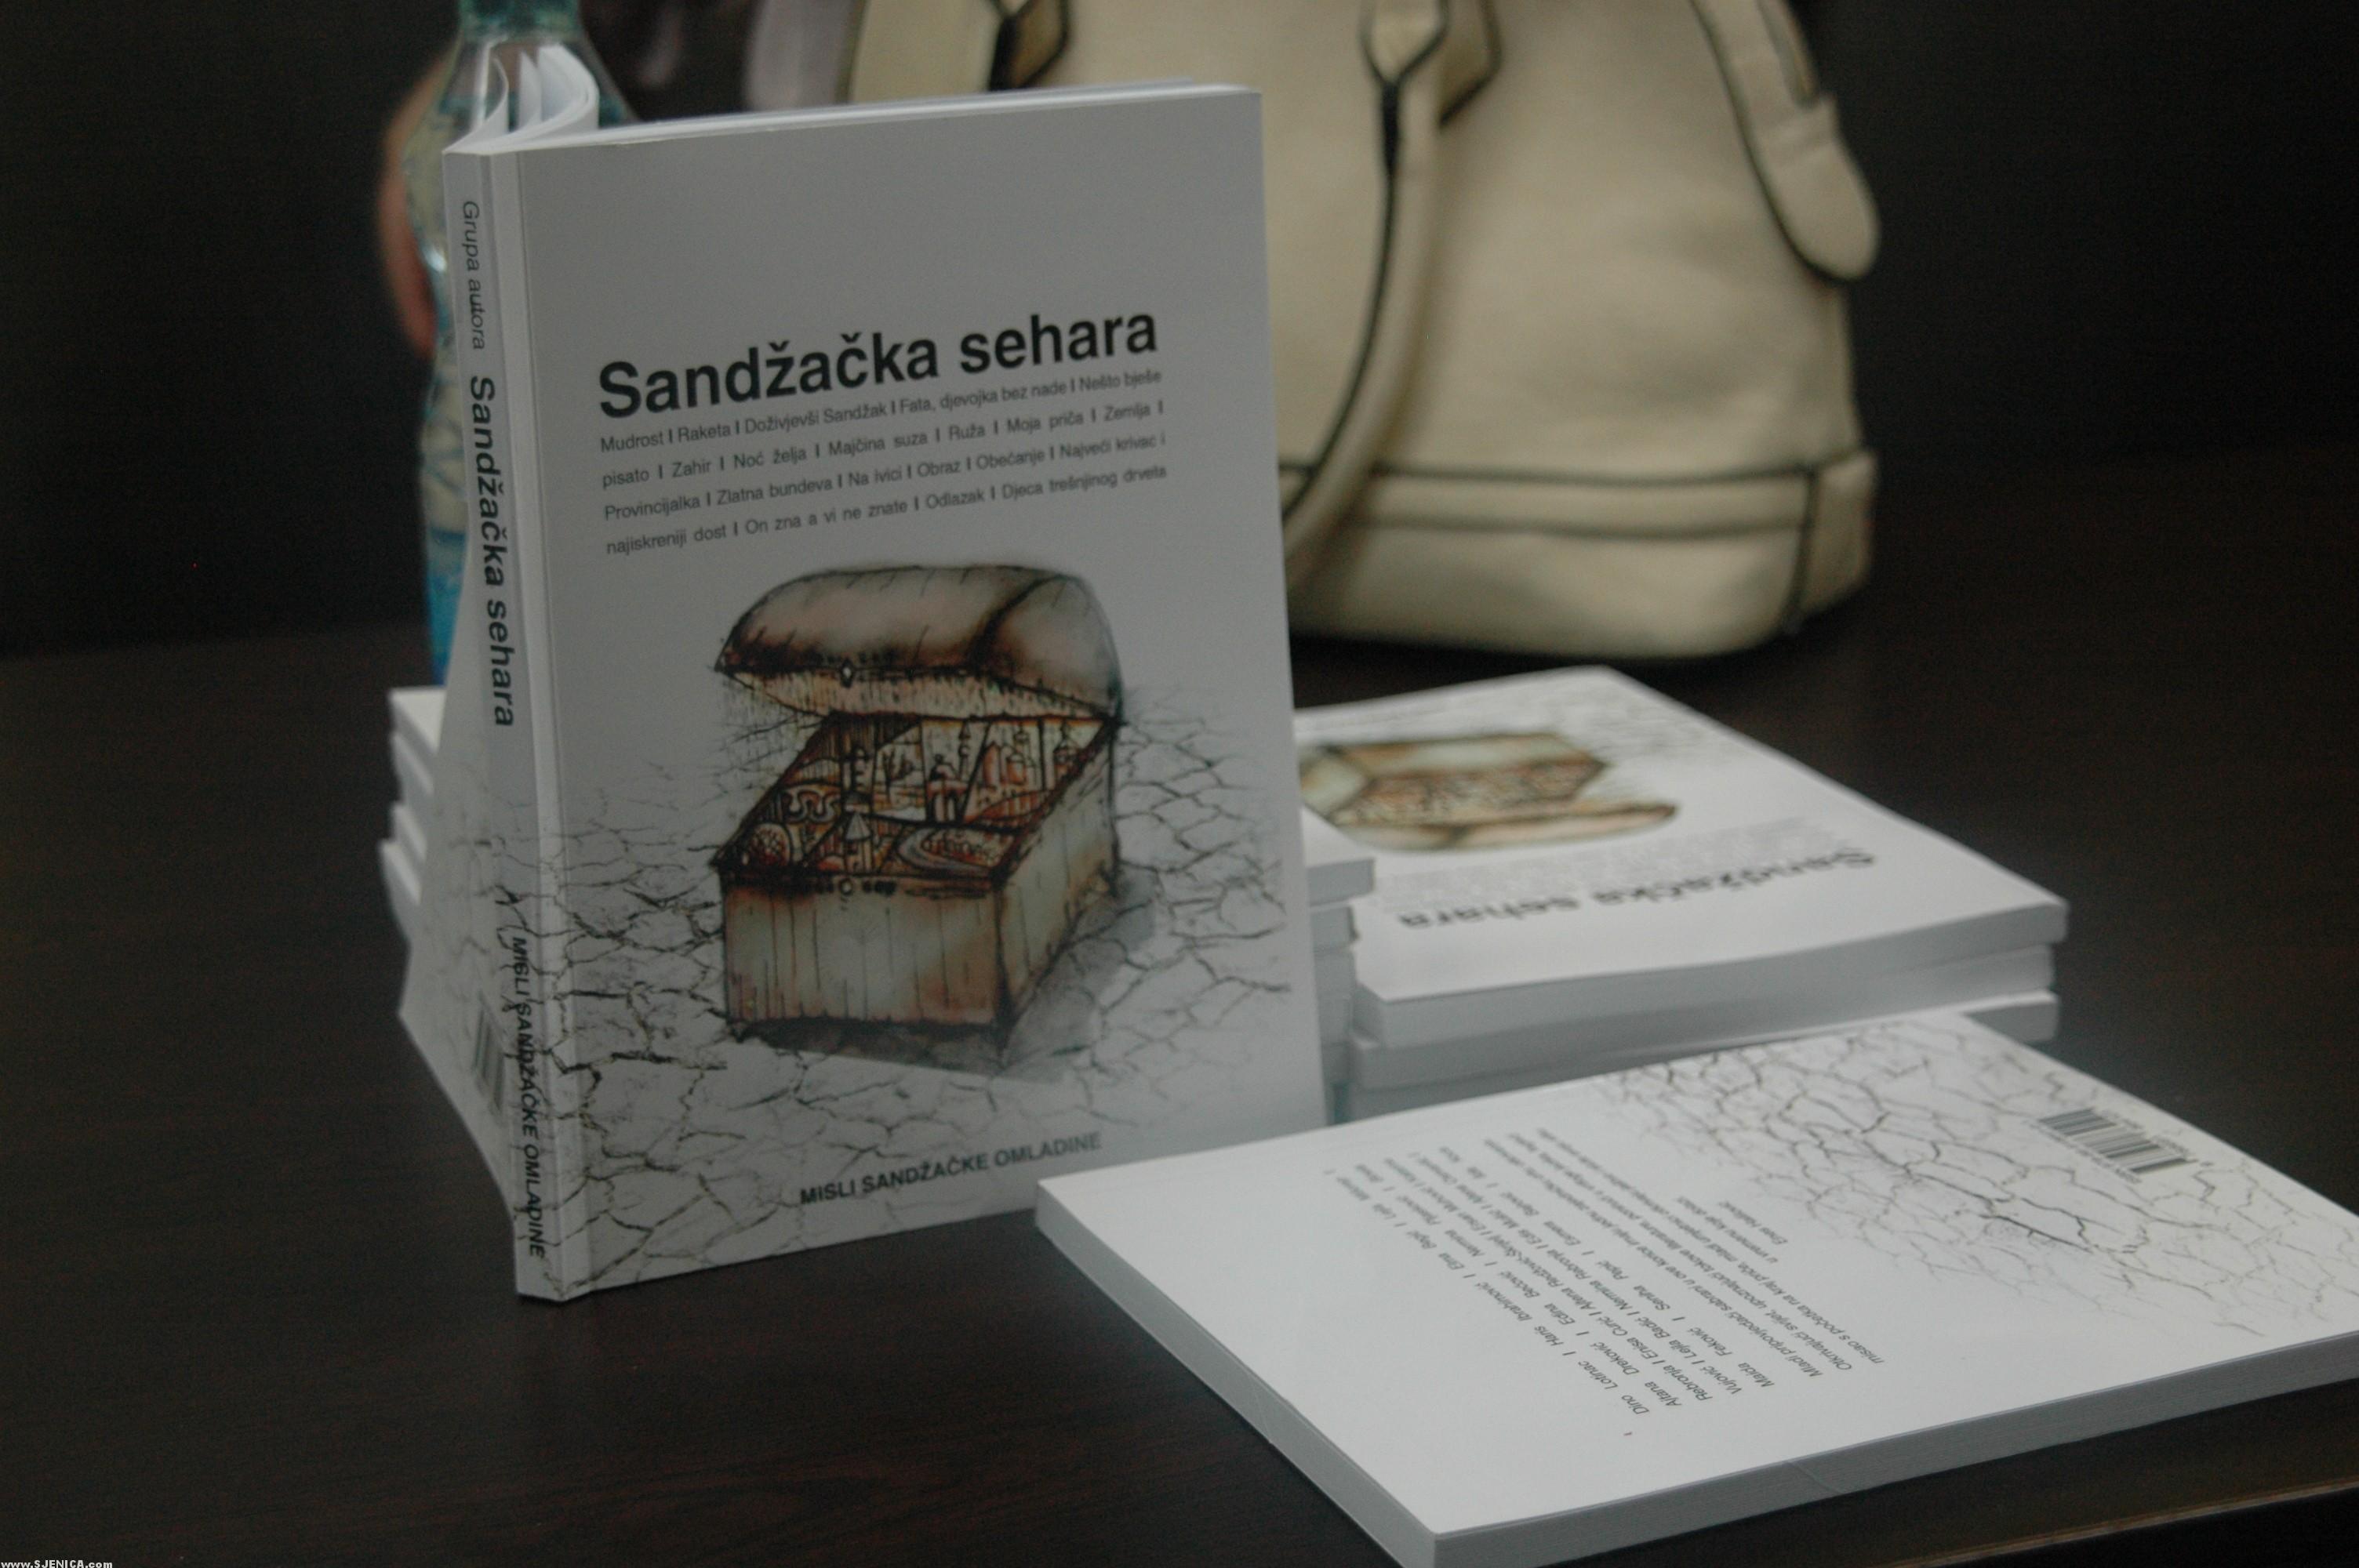 Sandzacke sehare - Promocija zbirke u Sjenici